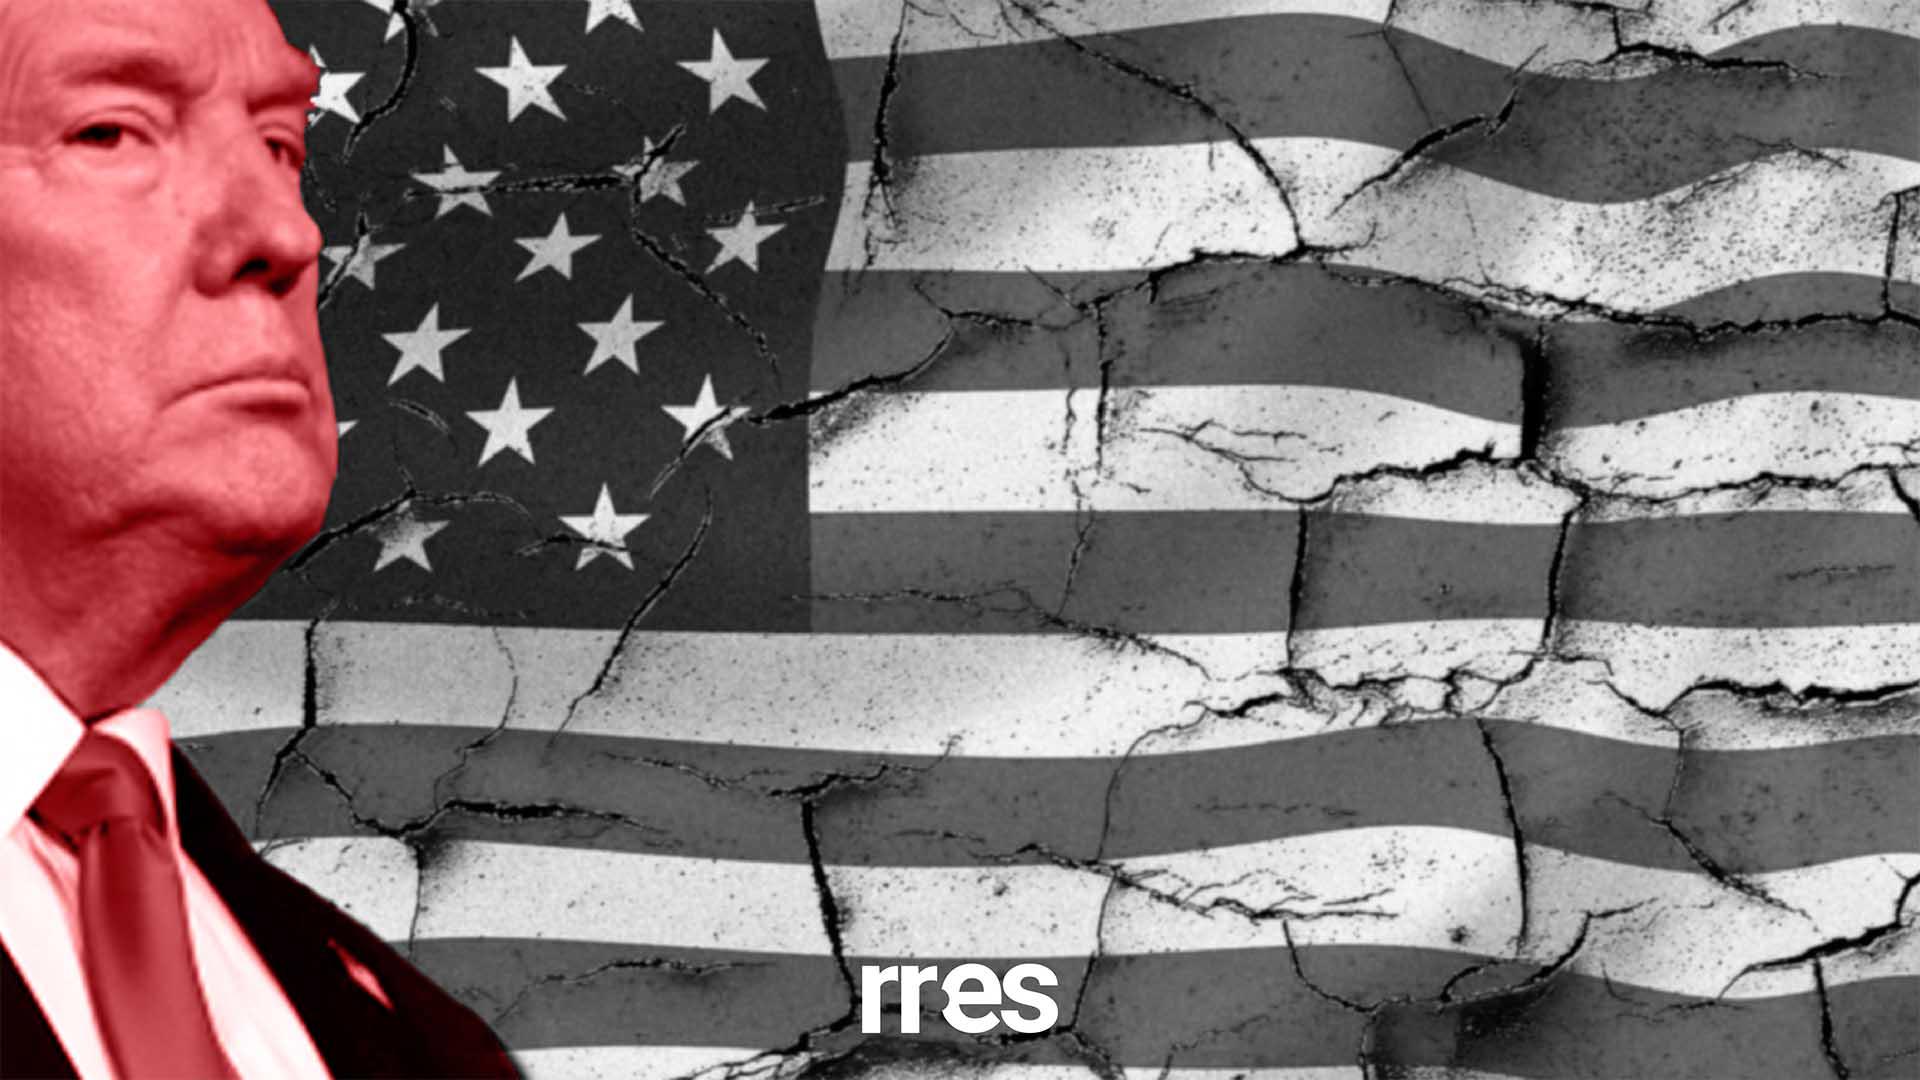 Elecciones en Estados Unidos: la democracia como problema, por Wilfredo Urbina